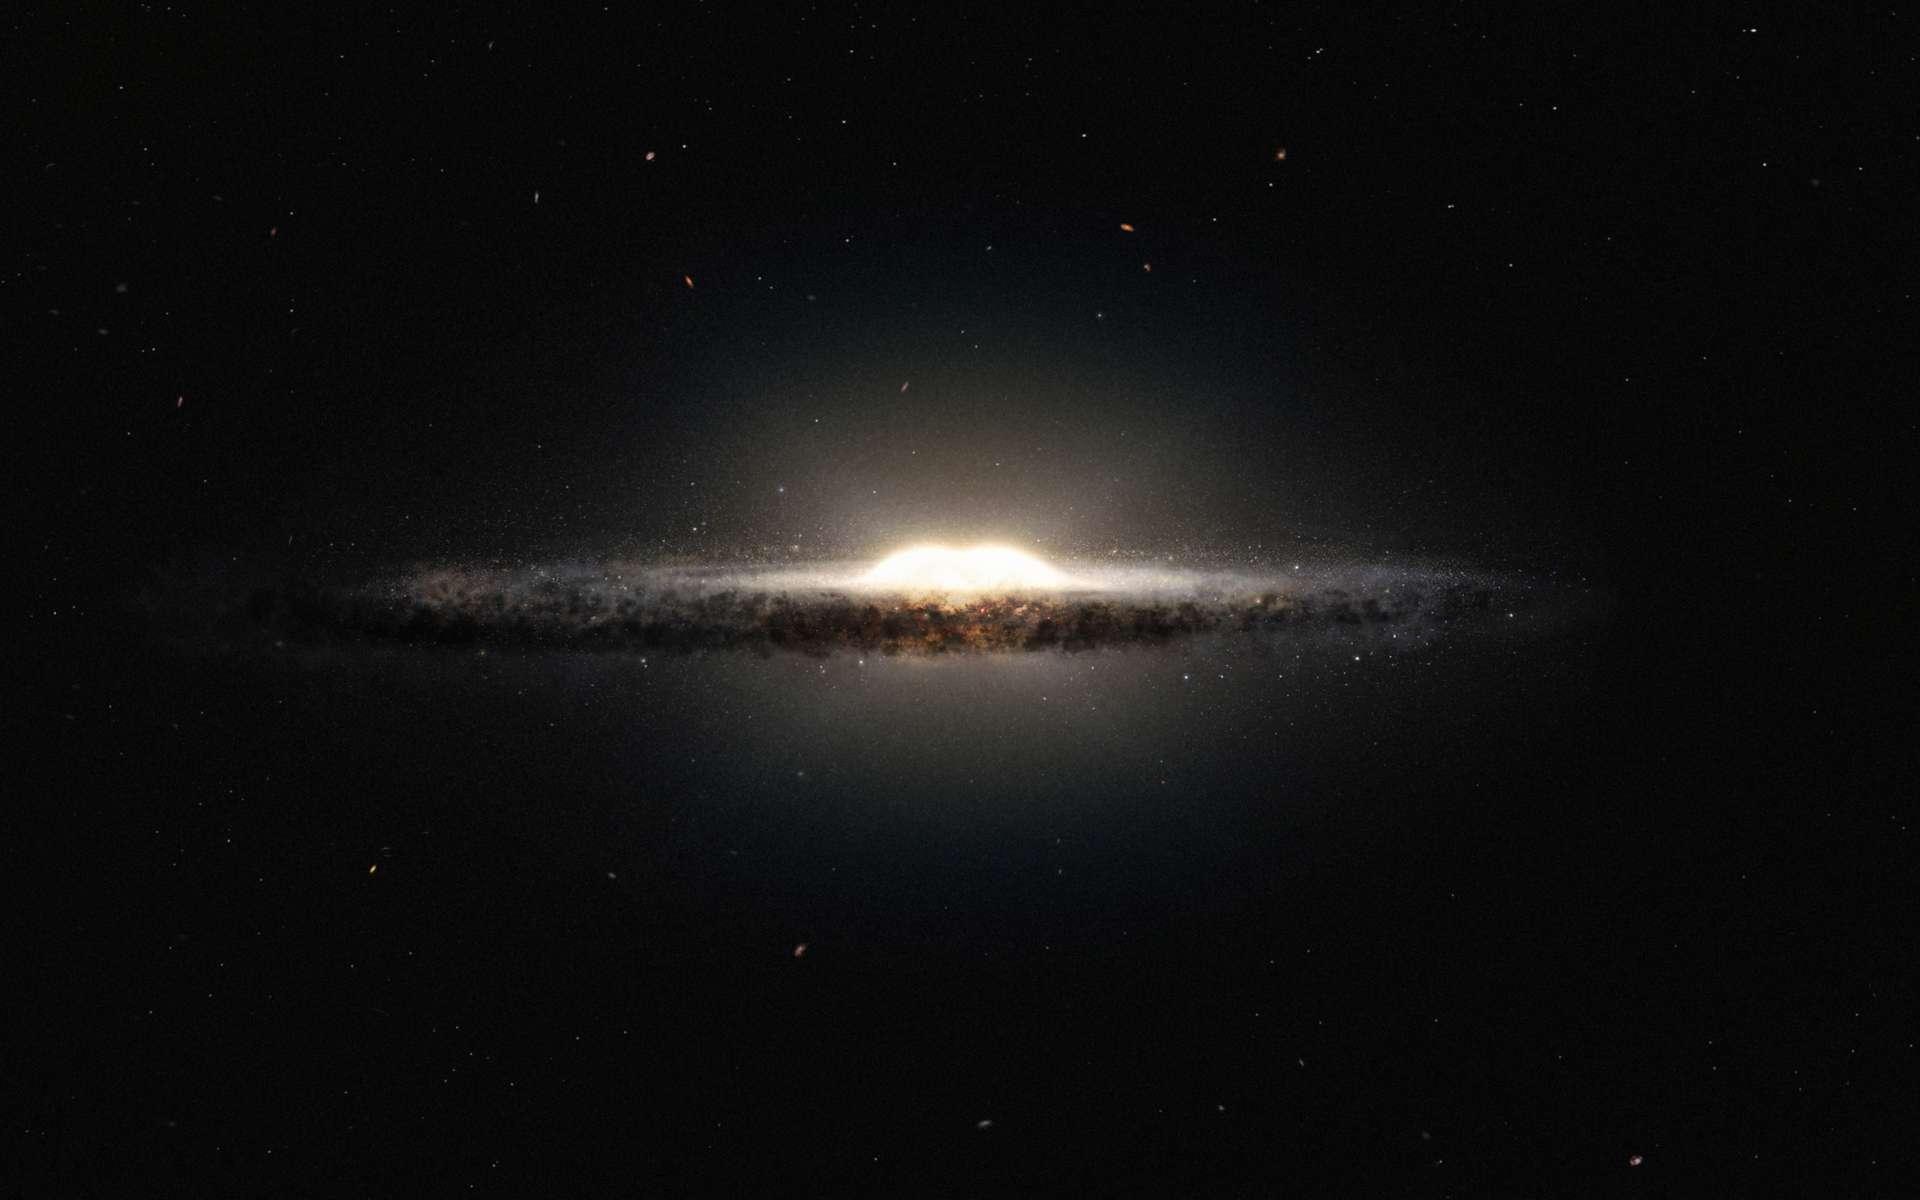 Après avoir étudié des tremblements d'étoiles grâce aux données fournies par le télescope spatial Kepler, des astronomes estiment l'âge de notre Voie lactée à 10 milliards d'années. © ESO